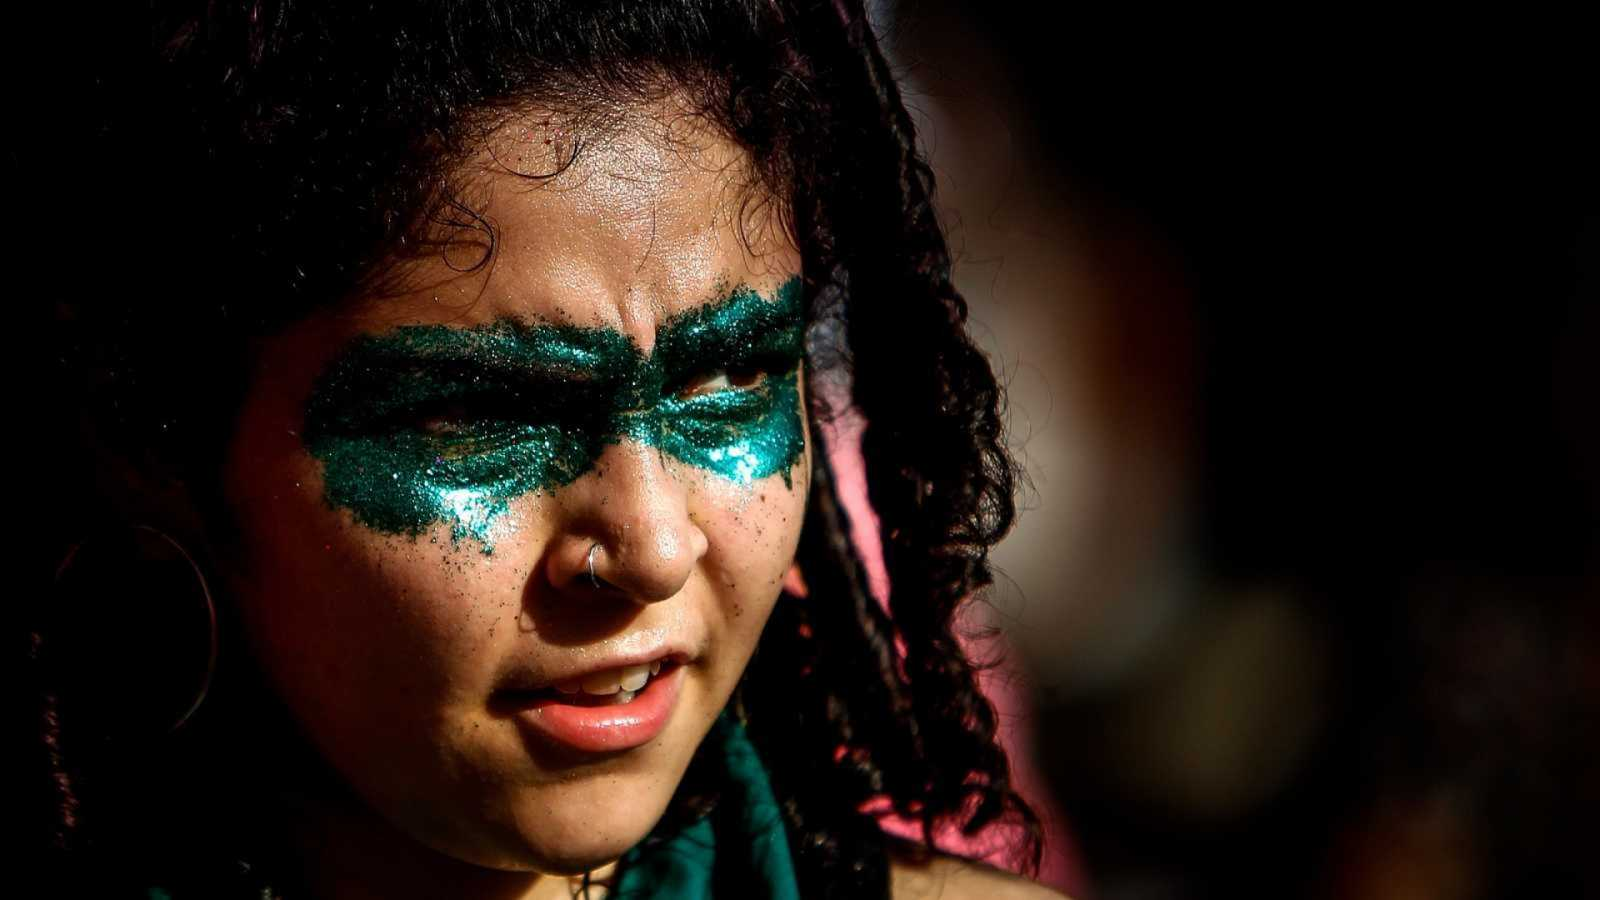 Reportajes 5 Continentes - En Ecuador, la difícil y larga batalla por un aborto legal - Escuchar ahora